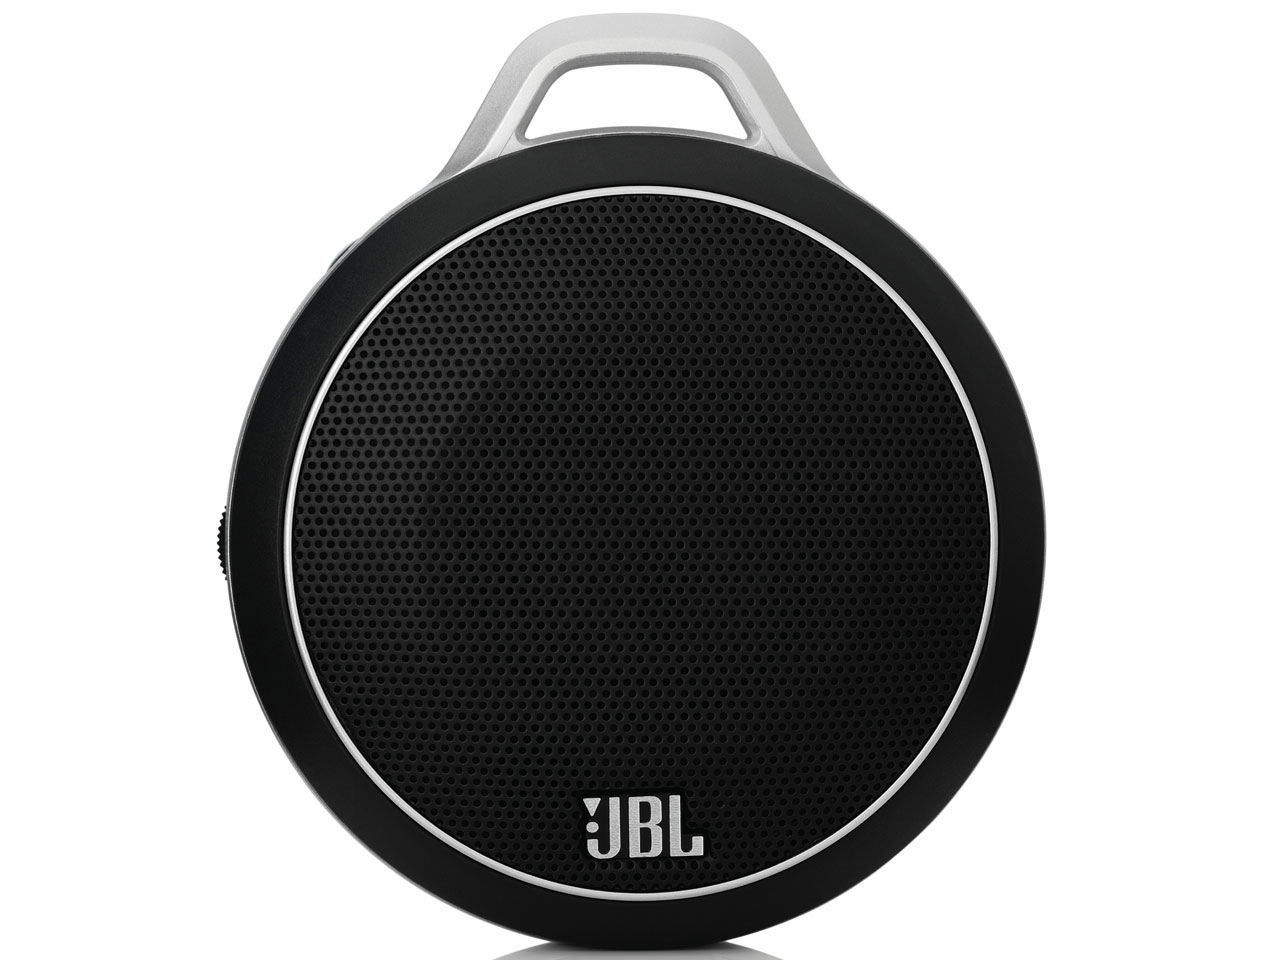 JBLのポータブルBluetooth対応スピーカーJBL MICRO WIRELESS